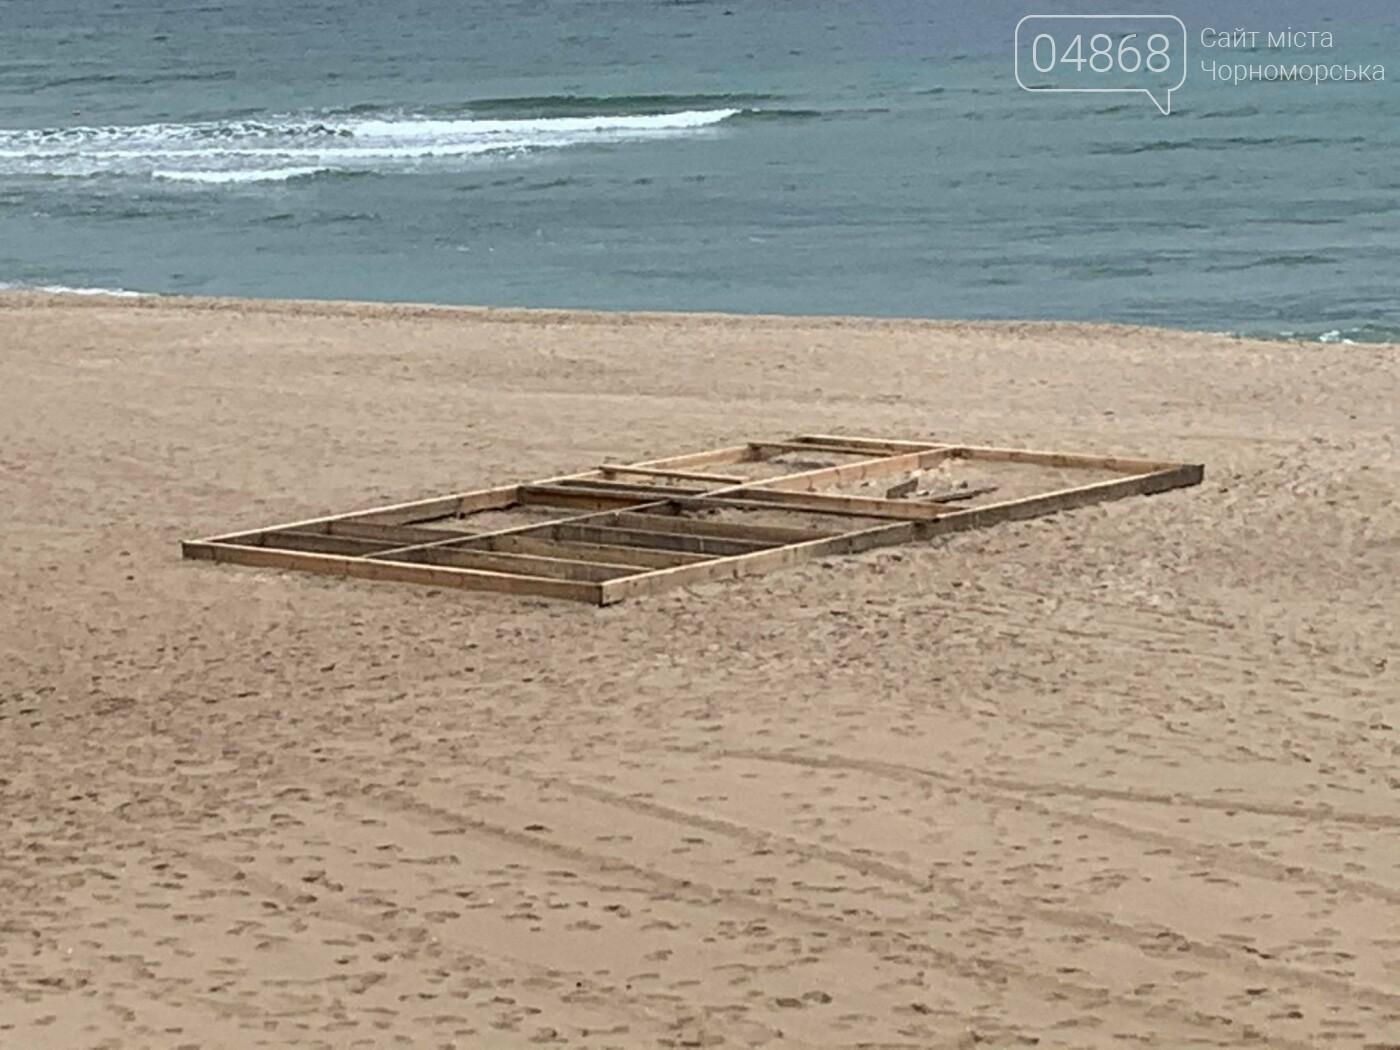 Непонятное сооружение на пляже Черноморска, фото-1